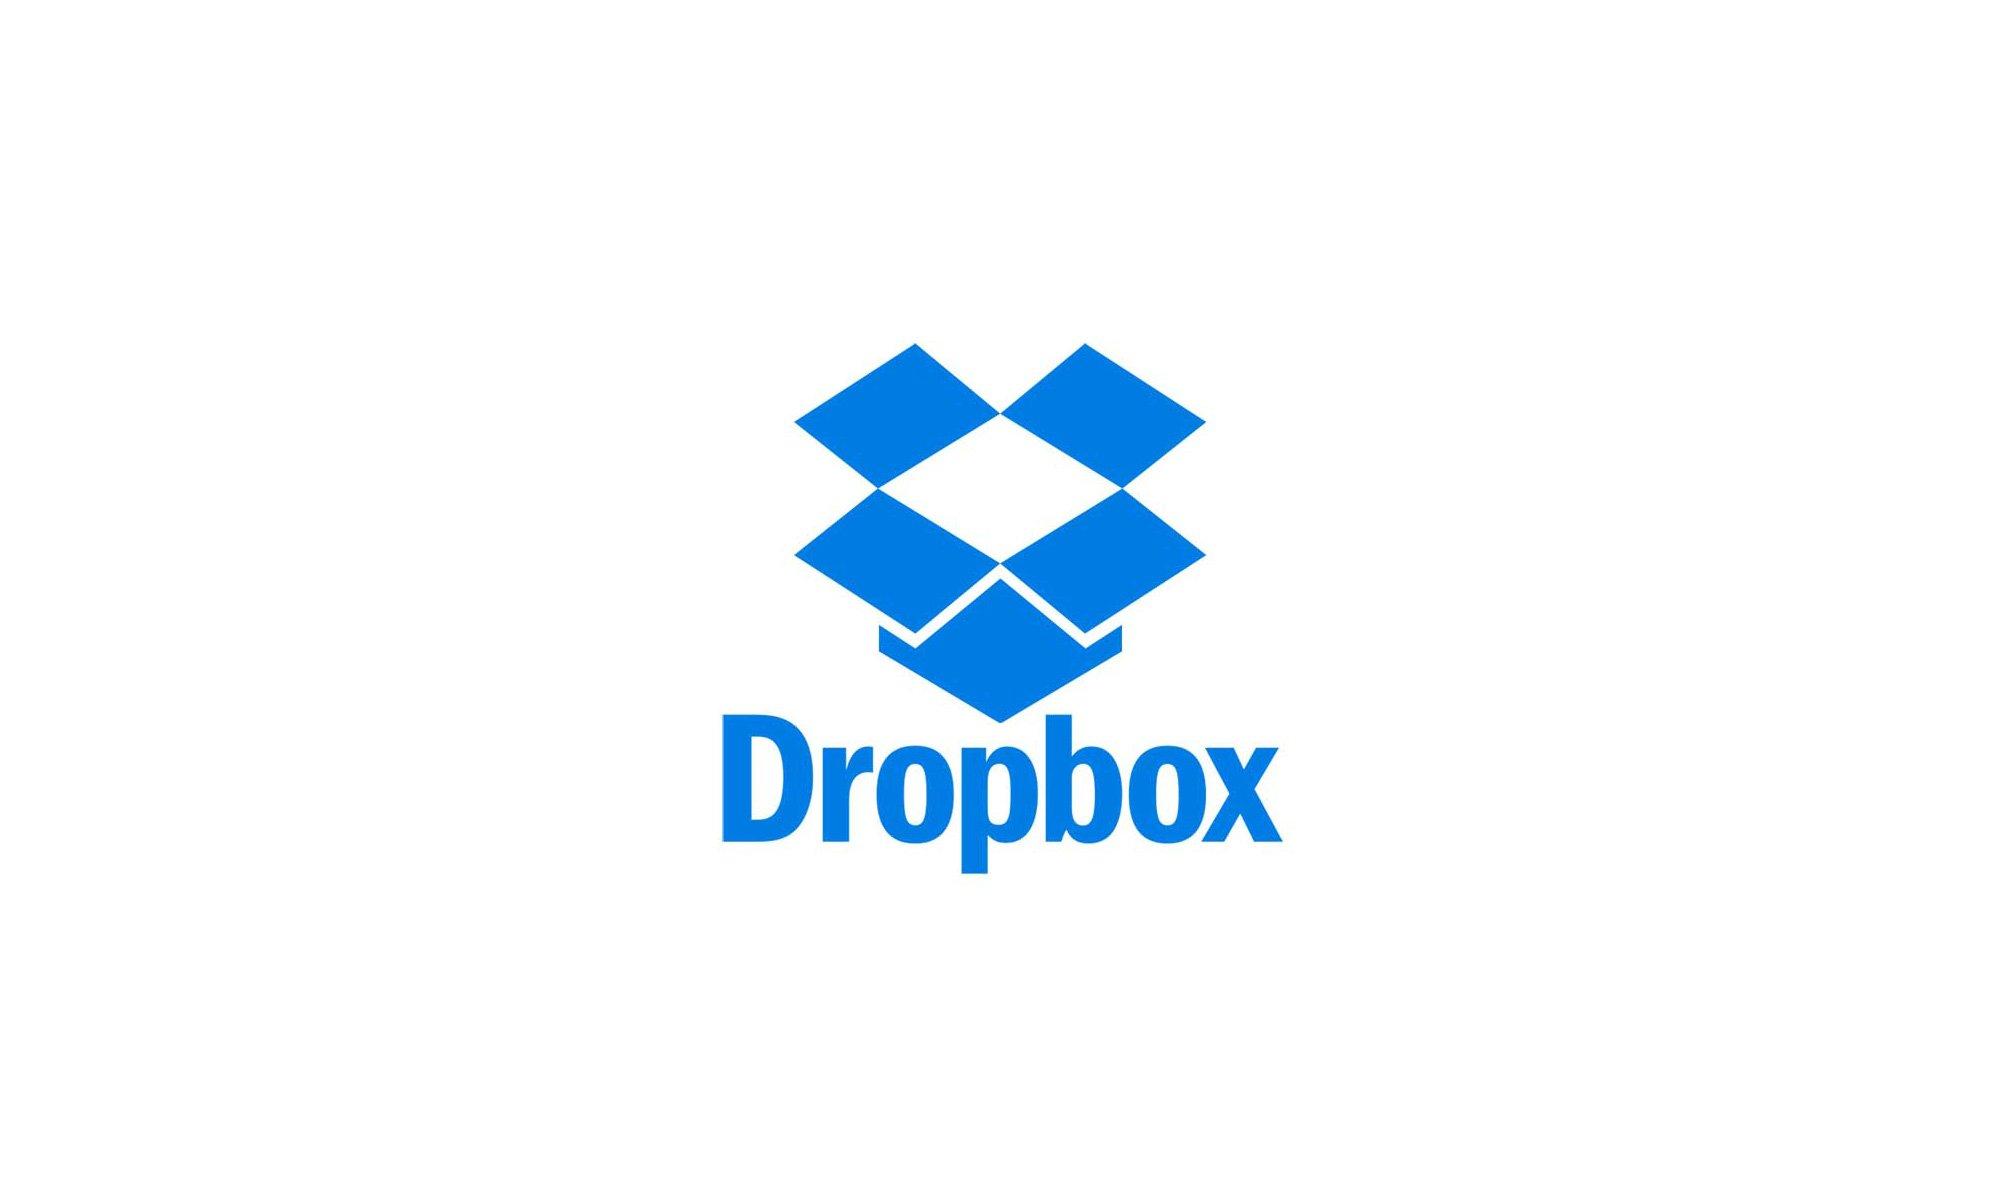 Droppx